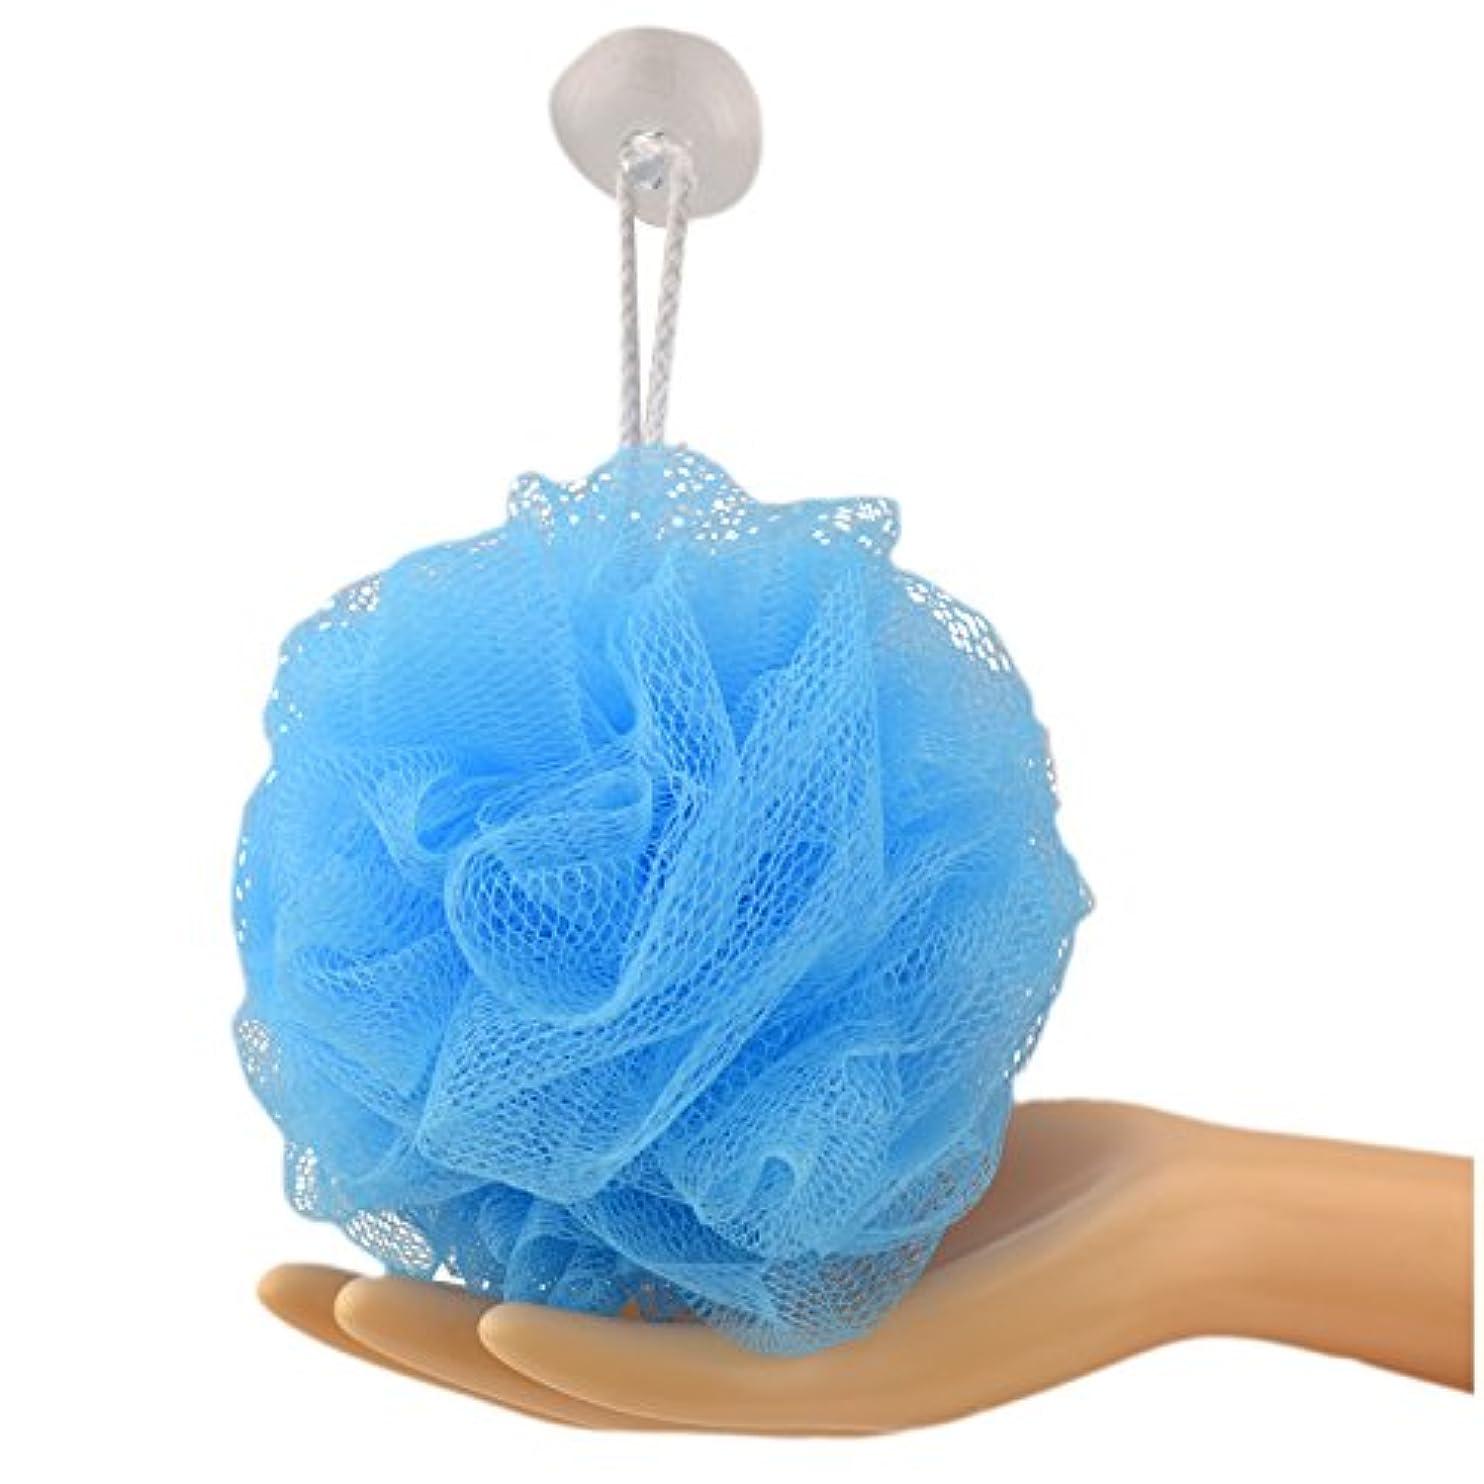 一枚入 耐久性のボディウォッシュボール崩れない 長持ち、沐浴球全6色フラワーボール泡立てネット ボディ、花ボディースポンジ (Large 60g, ブルー)